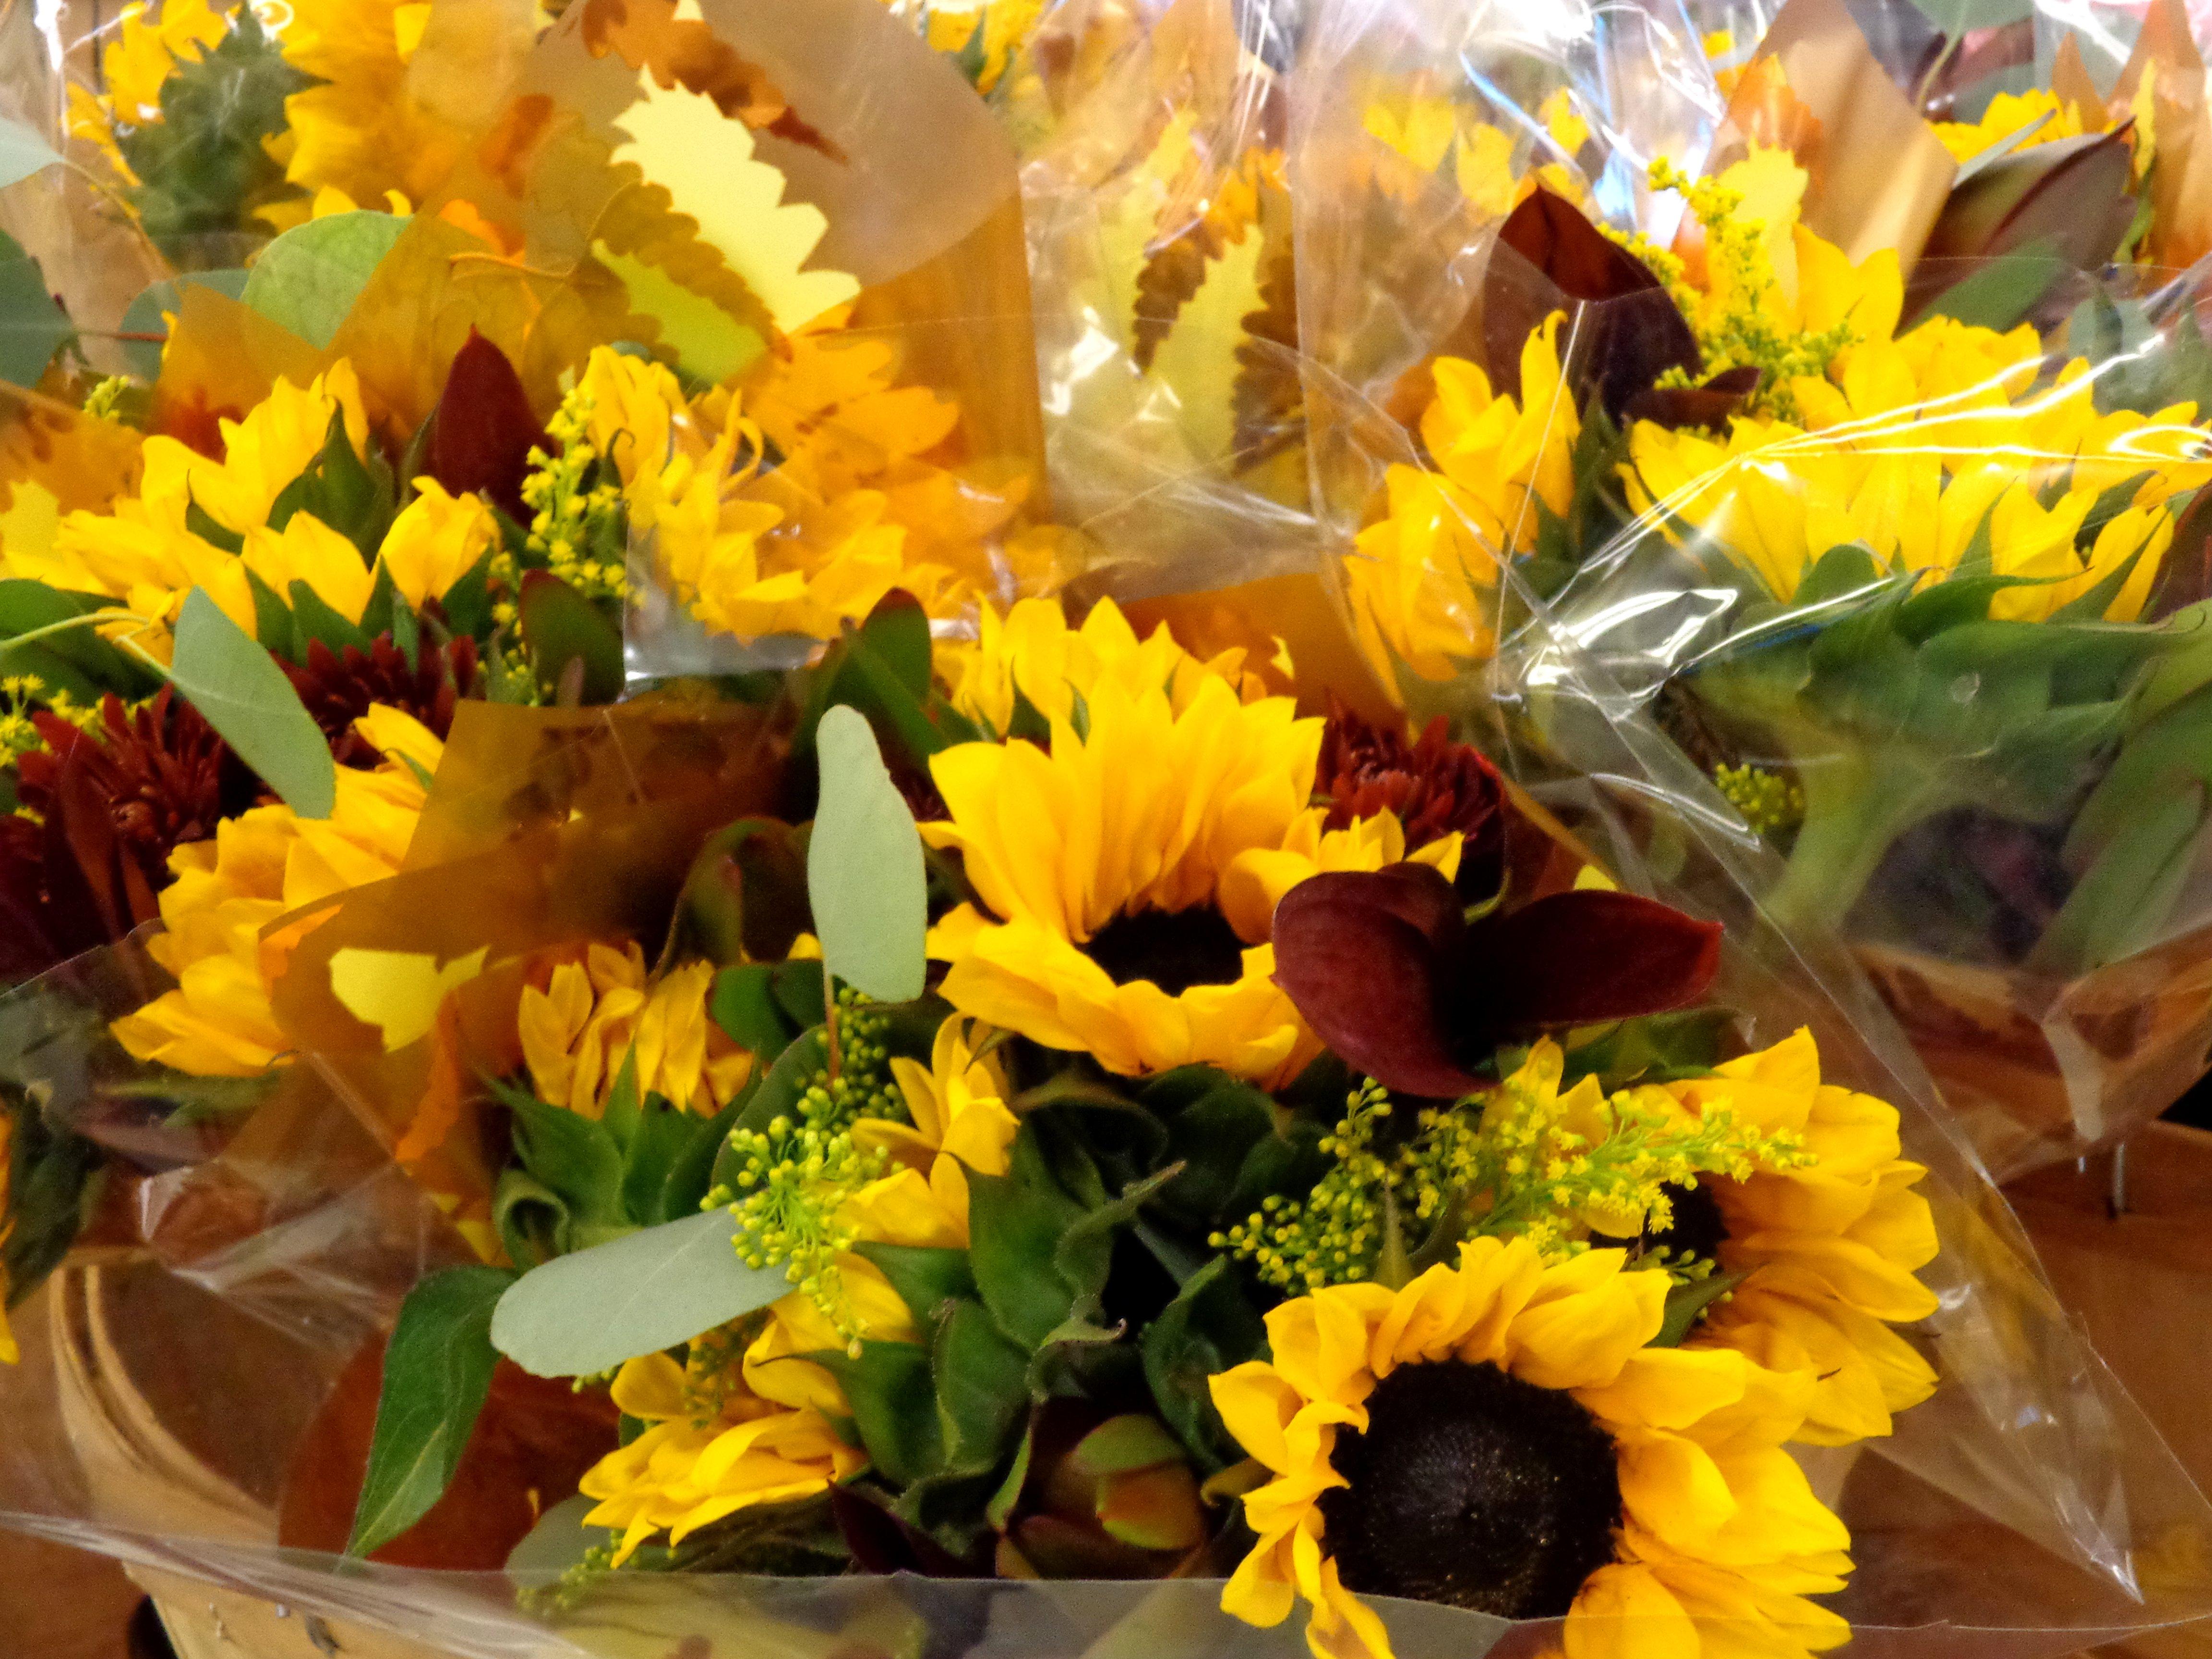 Autumn Flower Bouquets Picture Free Photograph Photos Public Domain